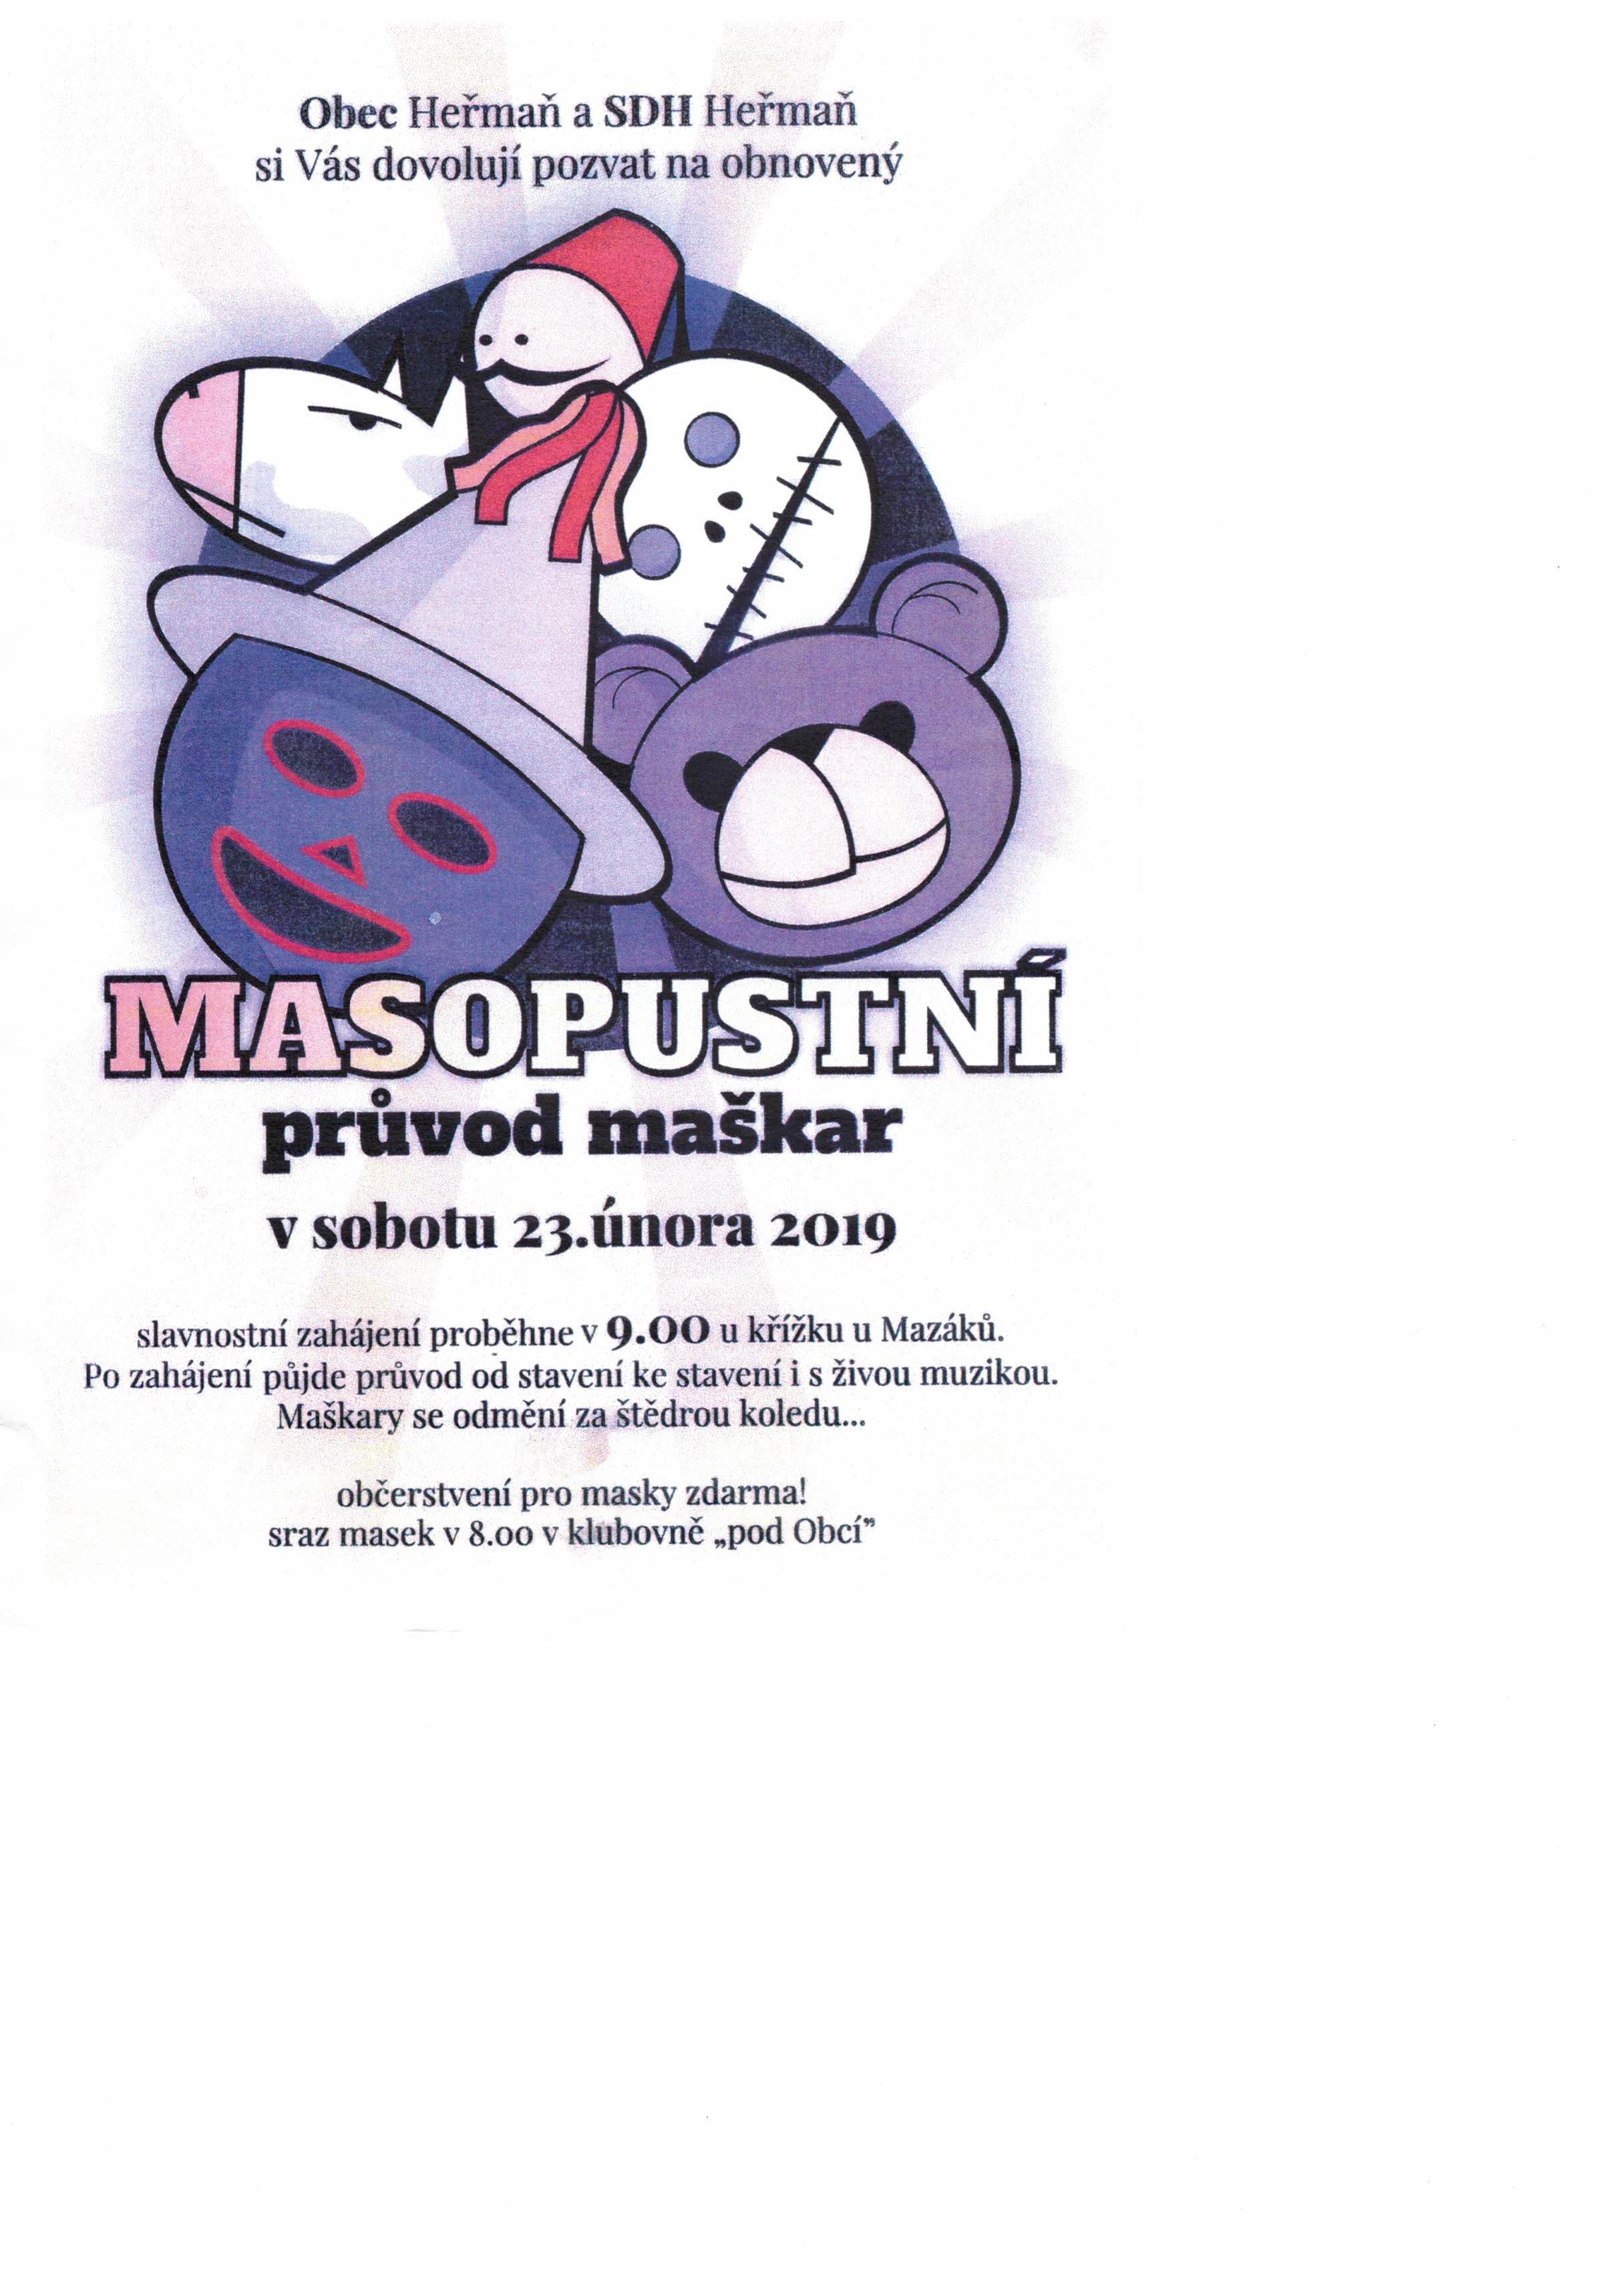 plakát masopustní průvod maškar